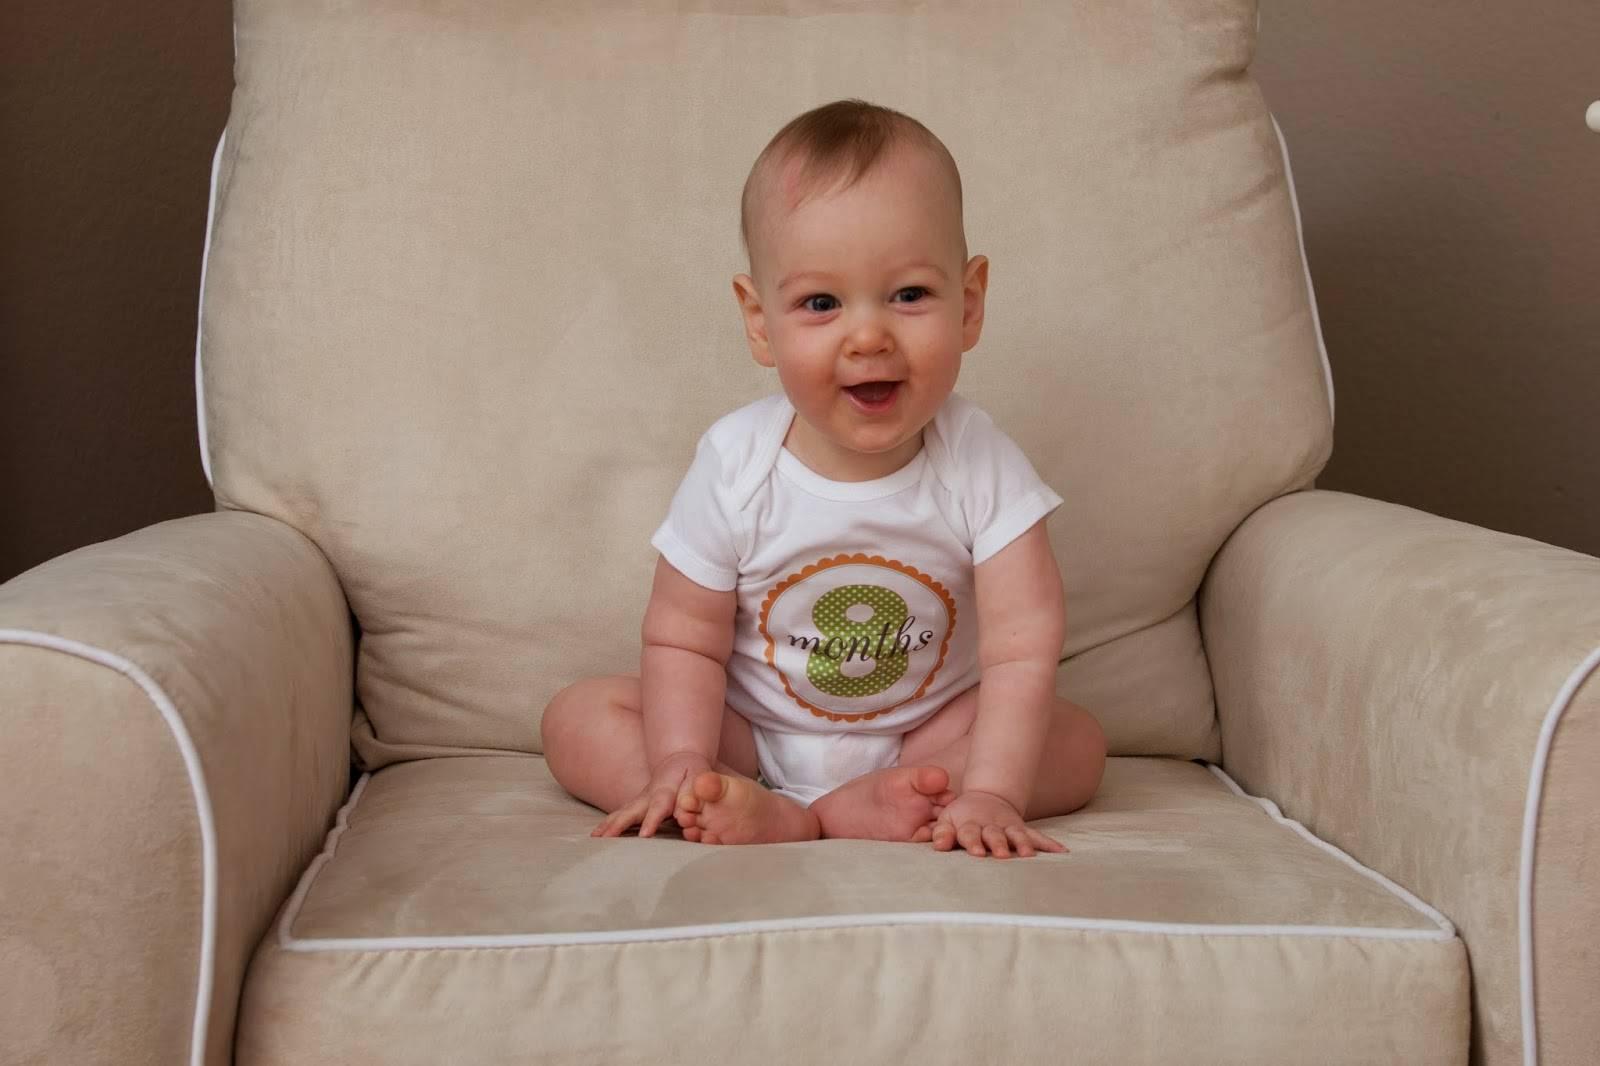 Как ребенок садится. когда ребенок начинает самостоятельно сидеть: особенности формирования навыка у девочек и мальчиков по месяцам